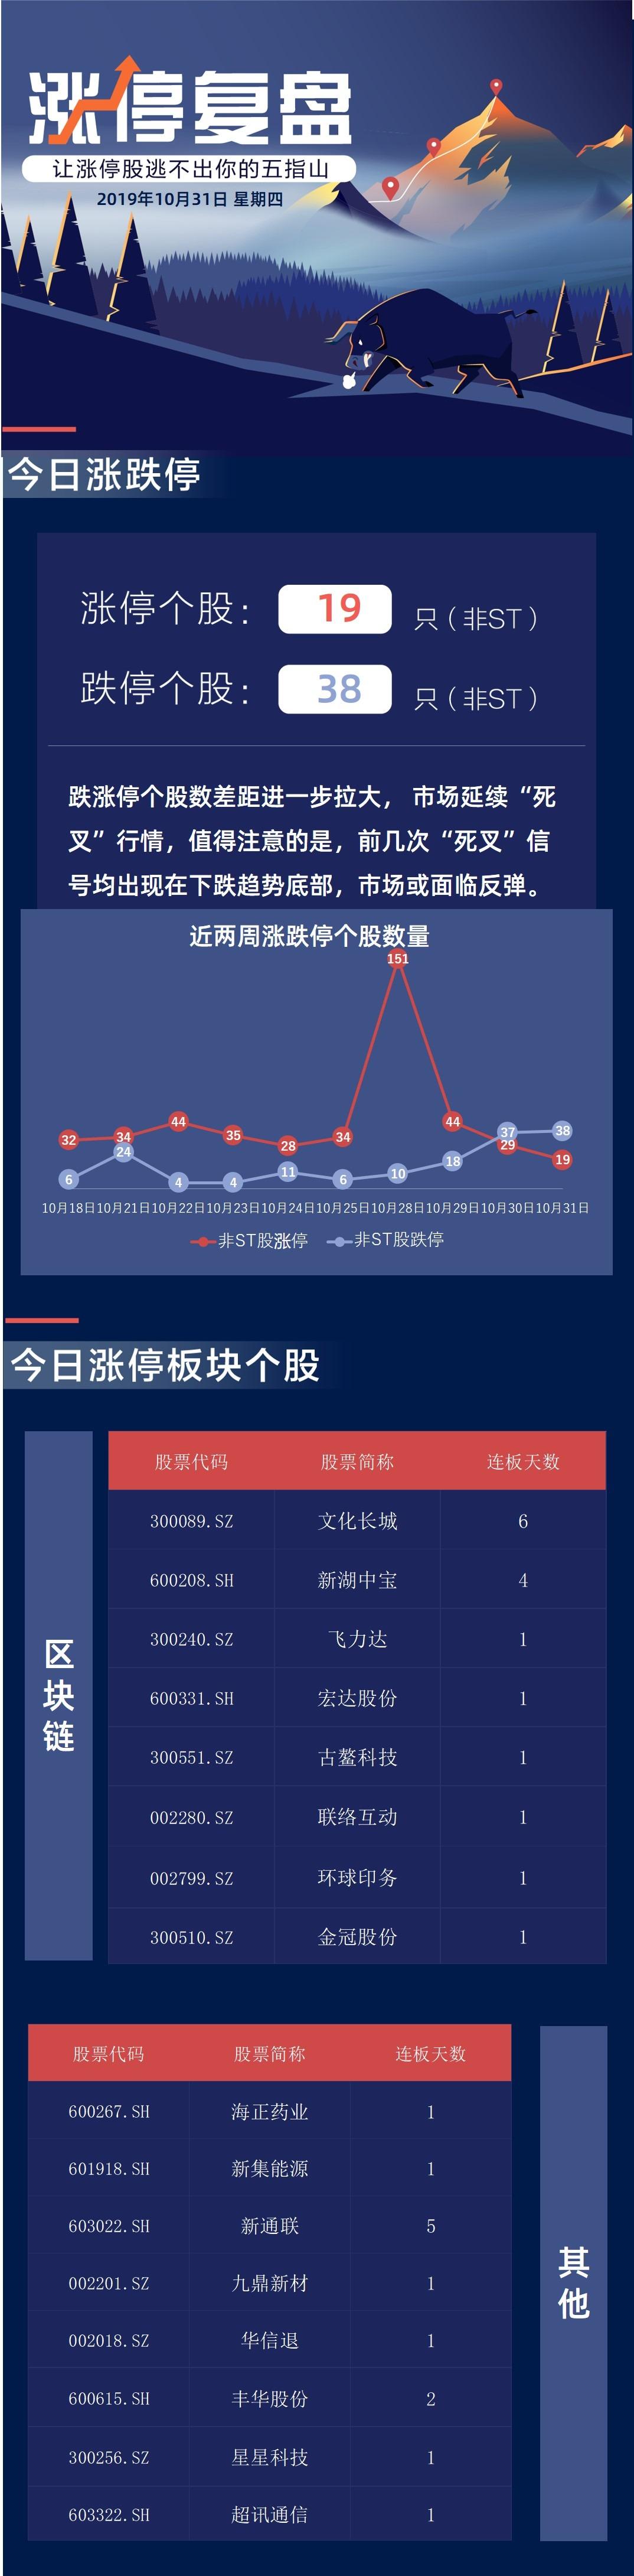 「投注遗漏彩票」广东已建成5G基站21473座,居全国第一